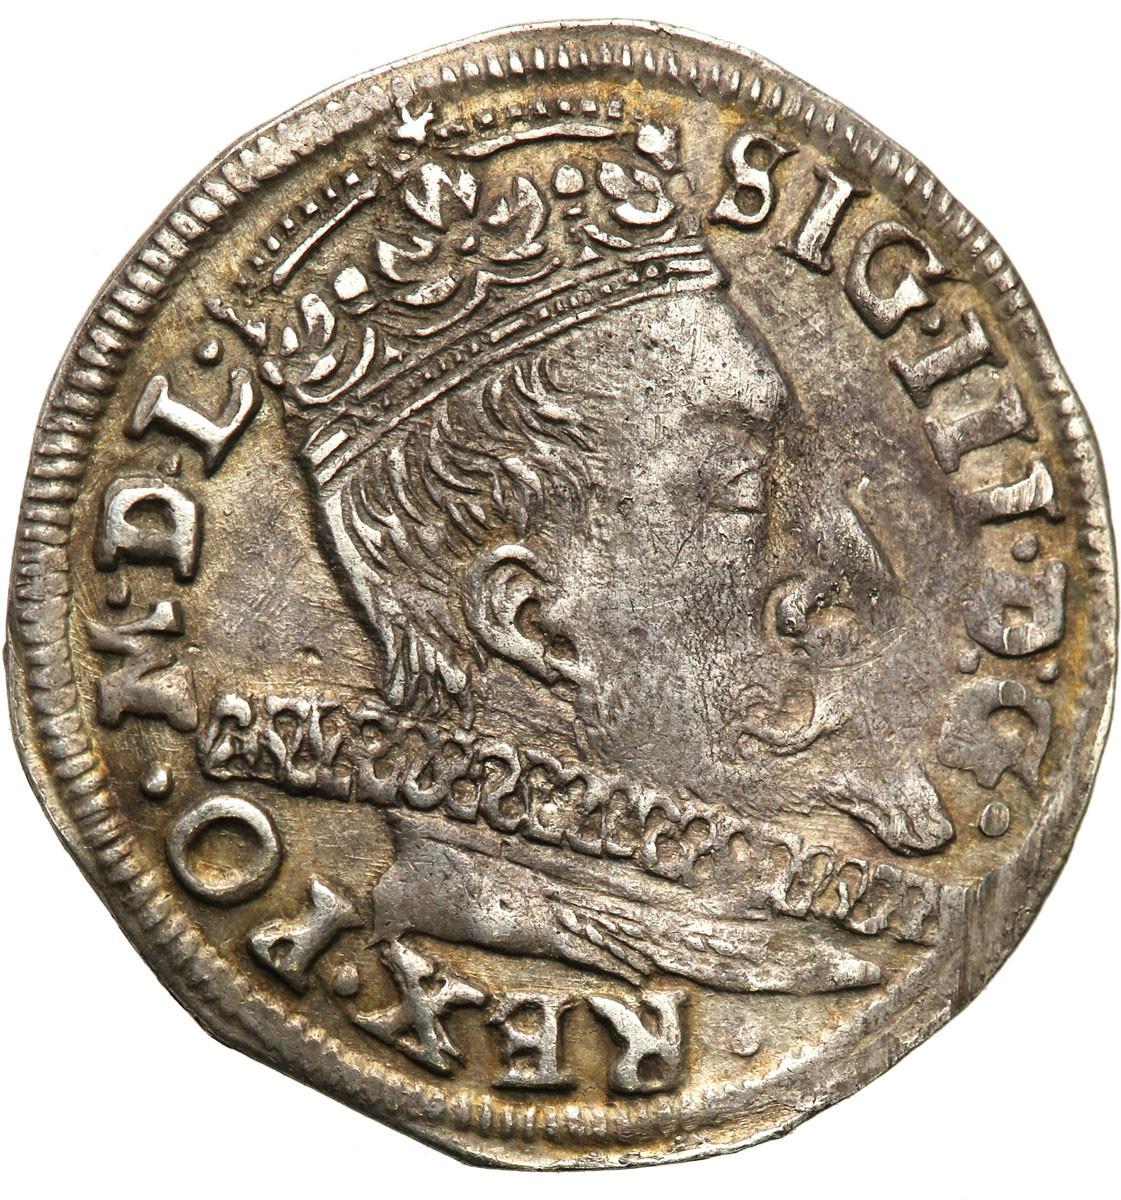 Polska Zygmunt III Waza Trojak Wilno 1597 st.2-